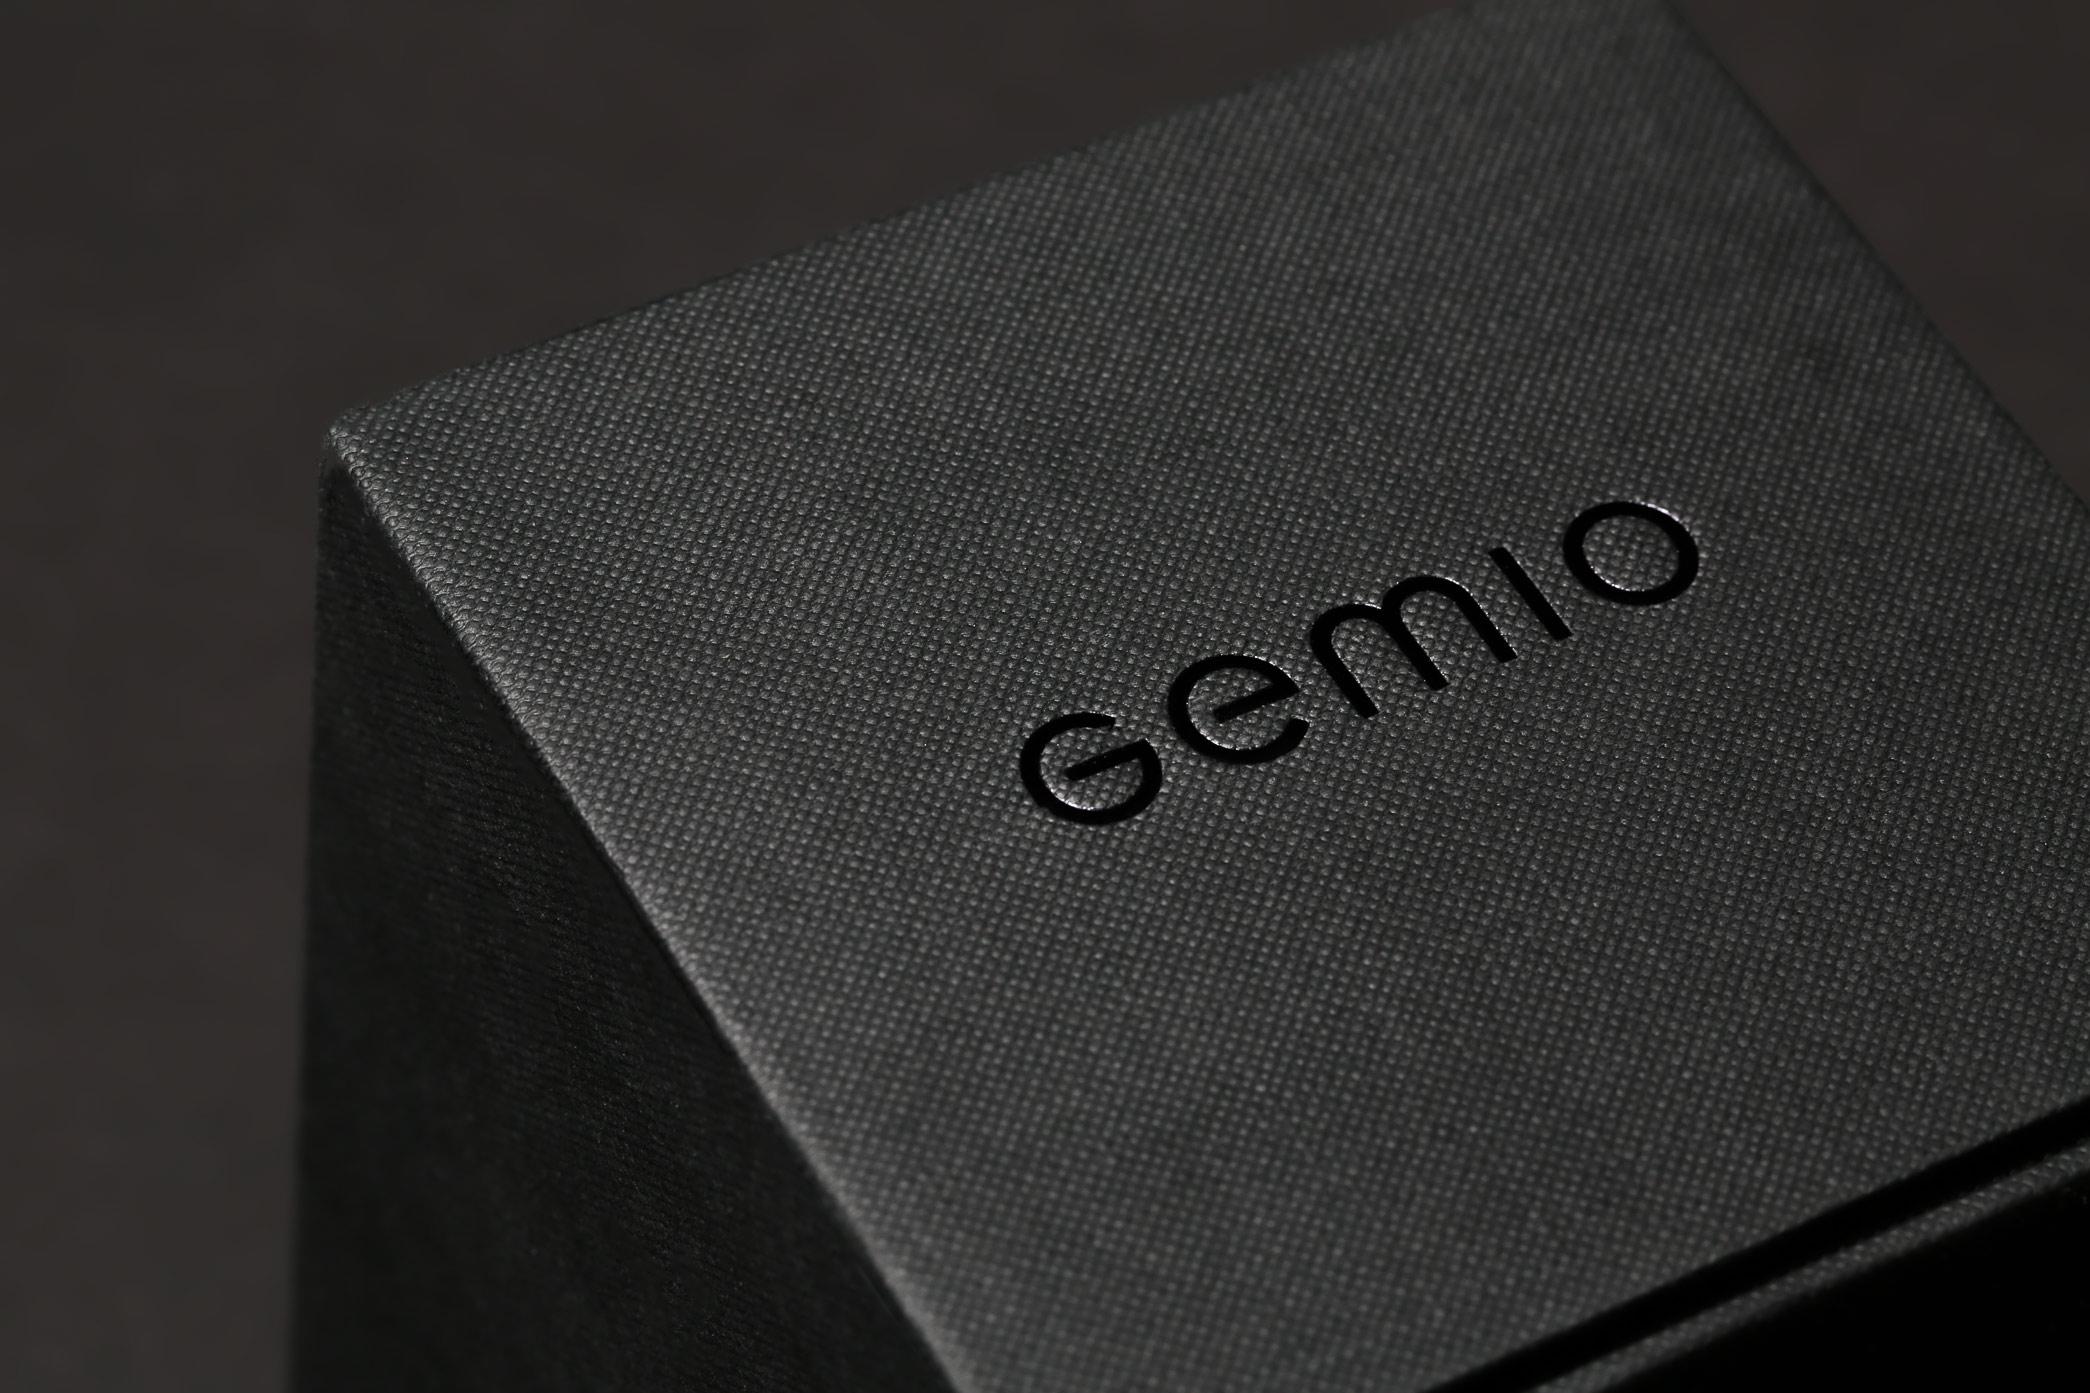 gemio-0021.jpg